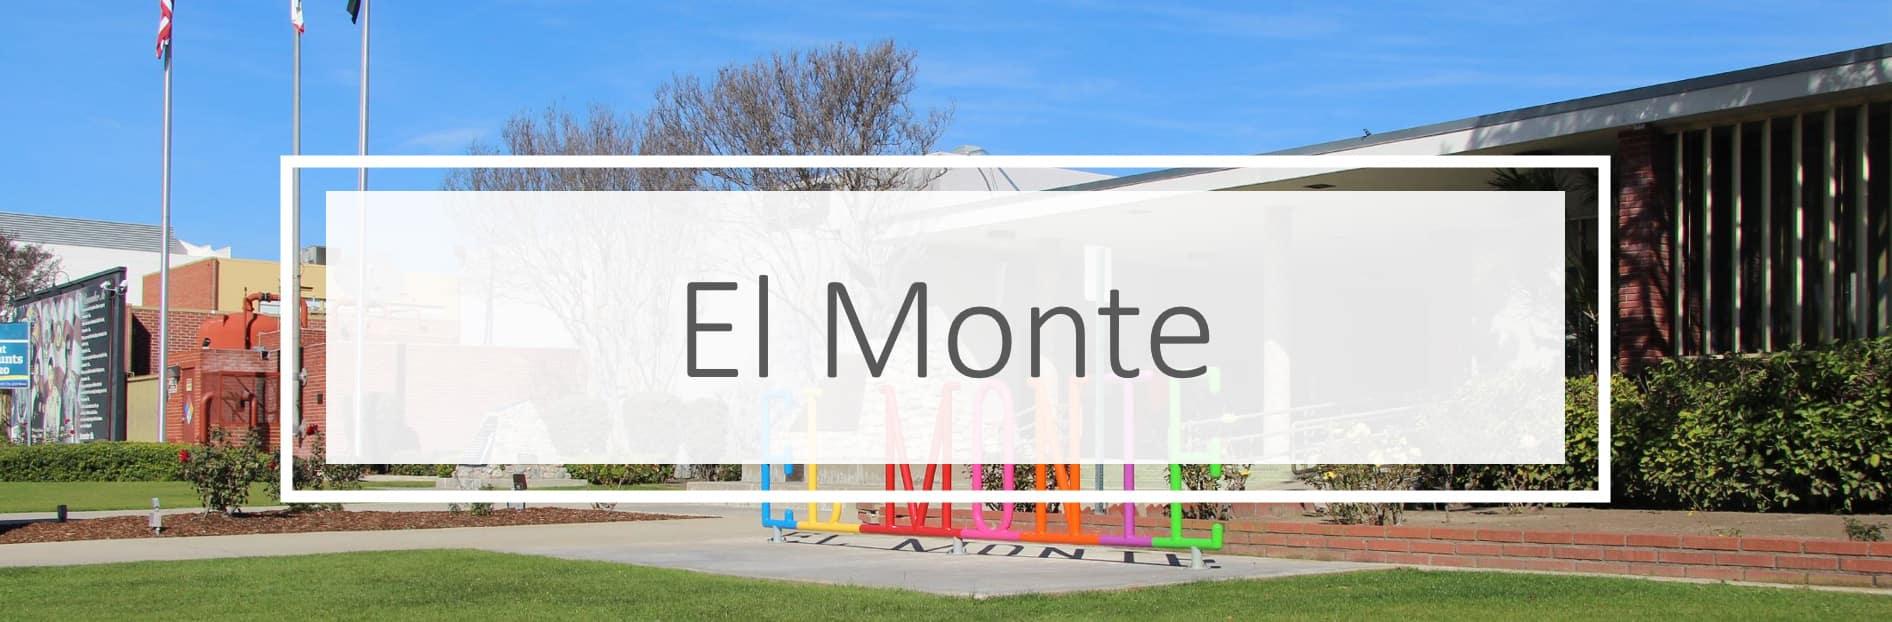 Ford Dealer Serving El Monte